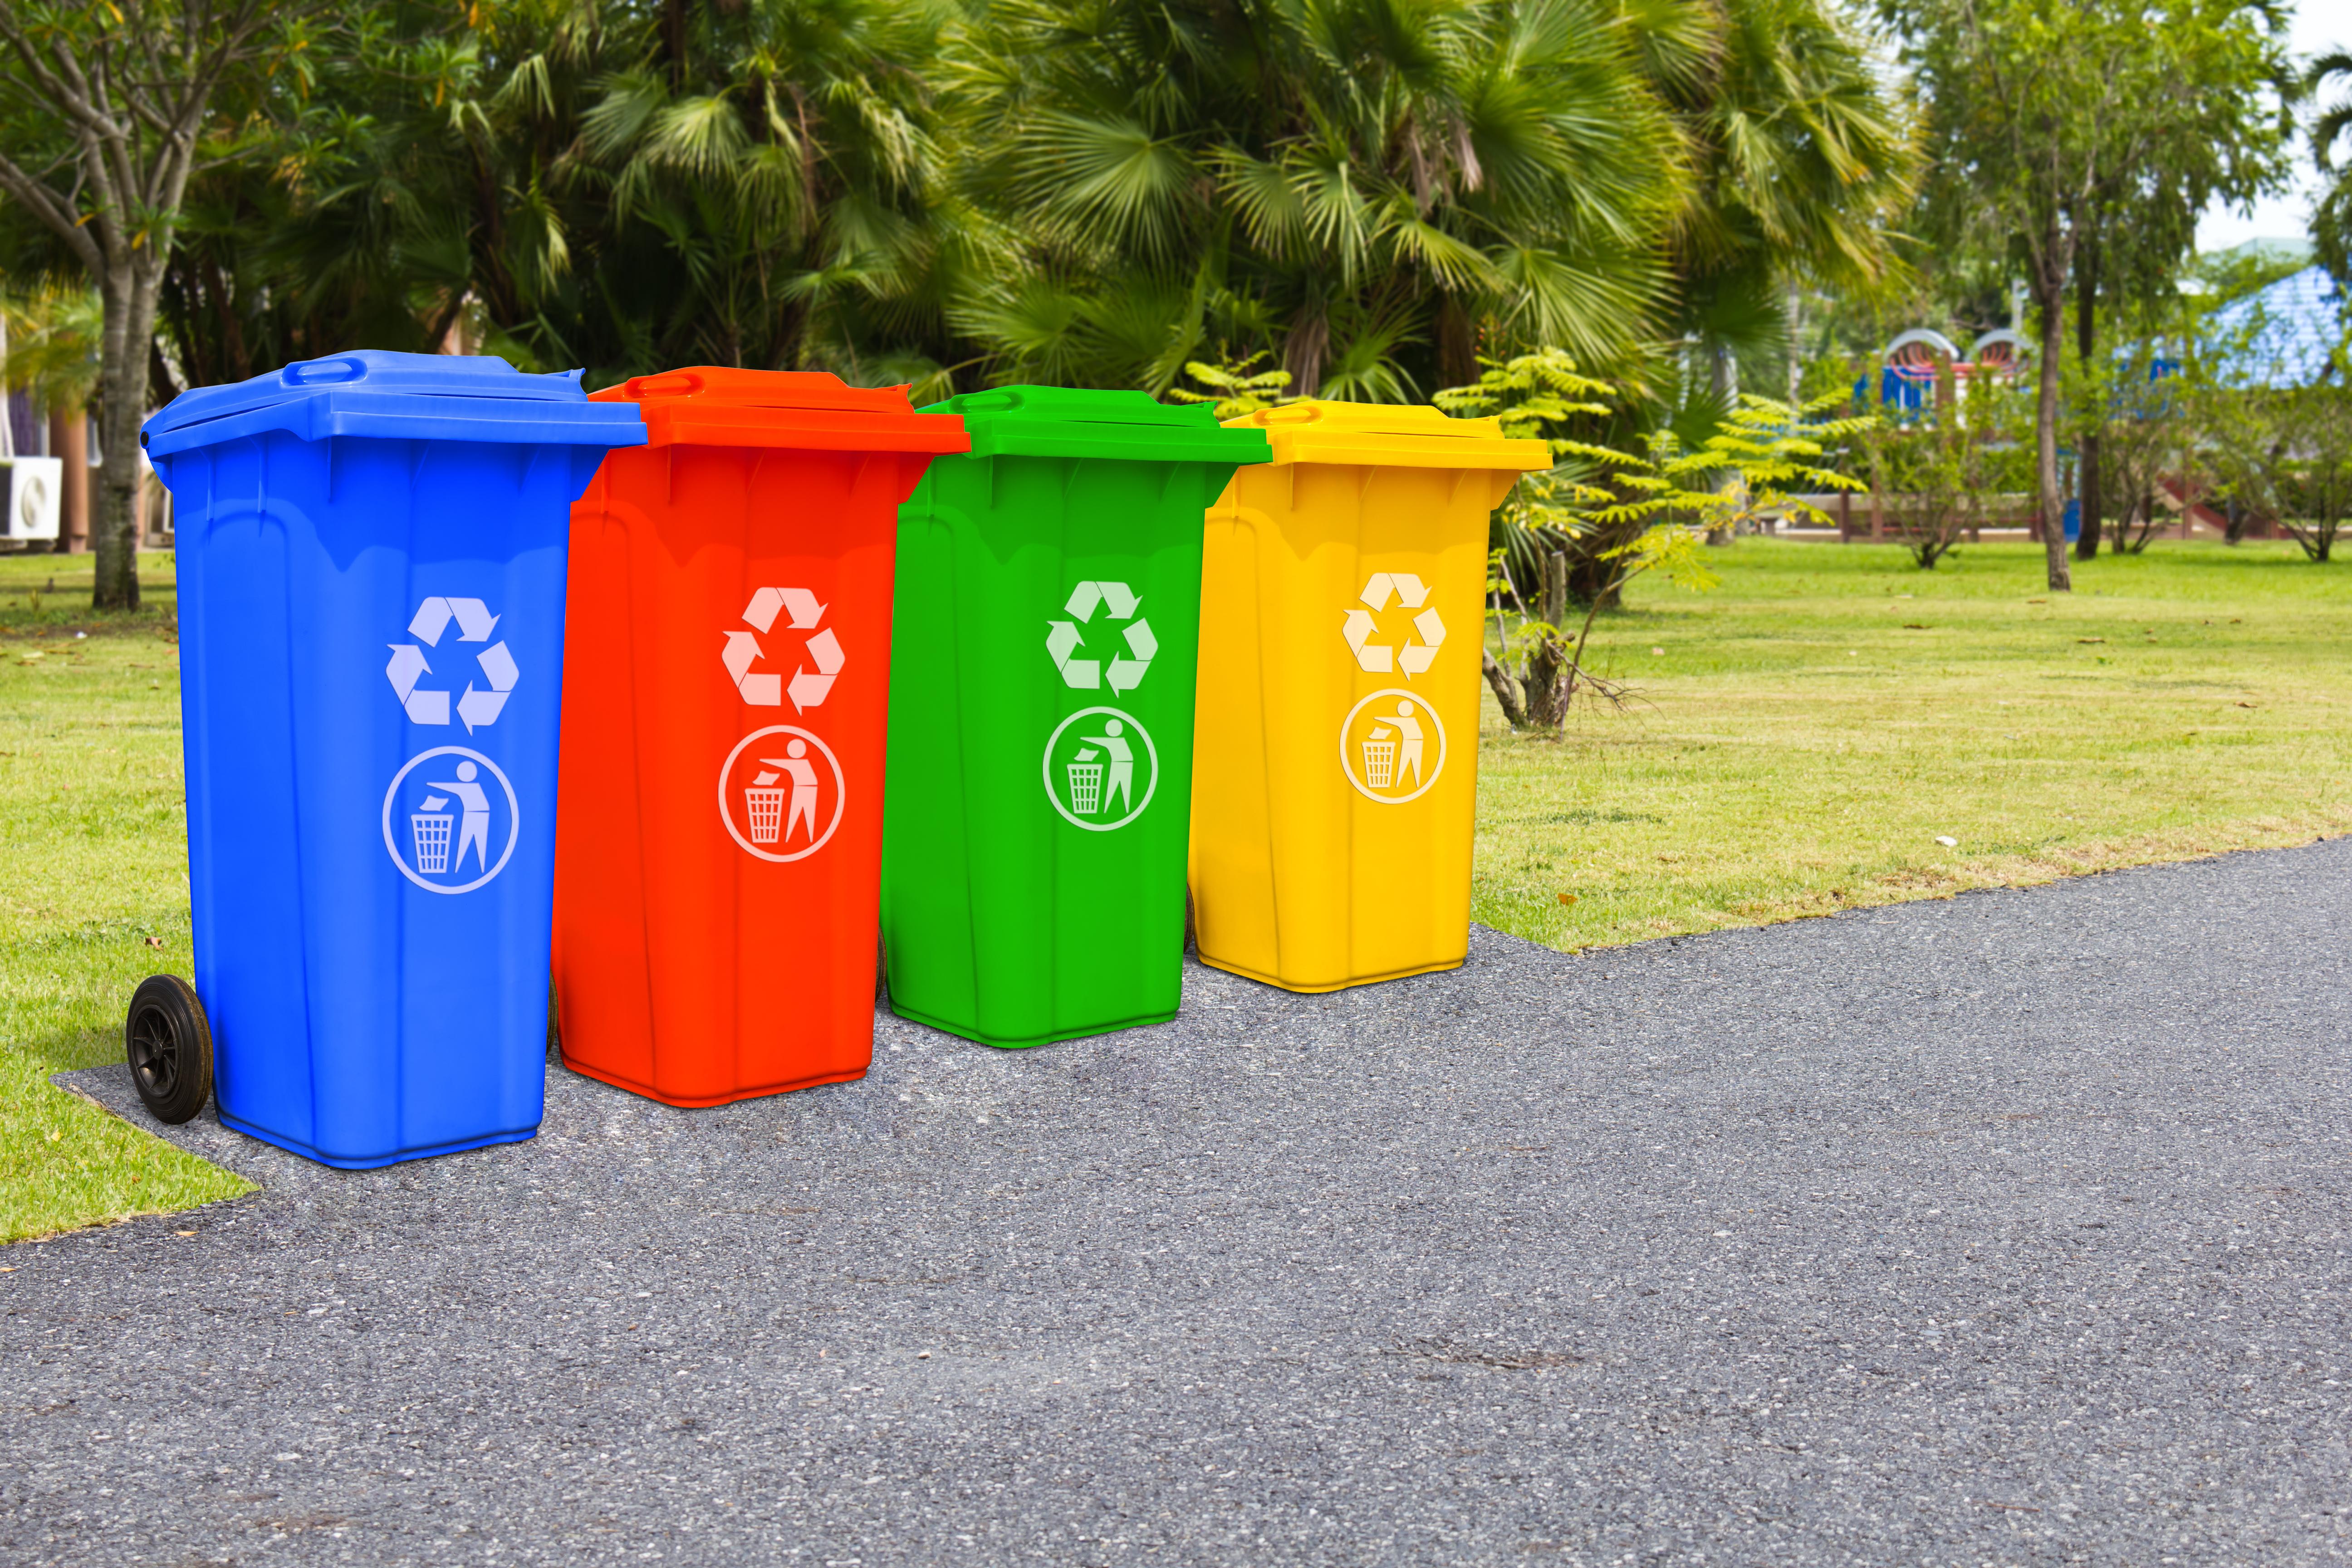 ごみ処理の業務と公共施設・商業施設のごみ箱に対するIoT活用事例